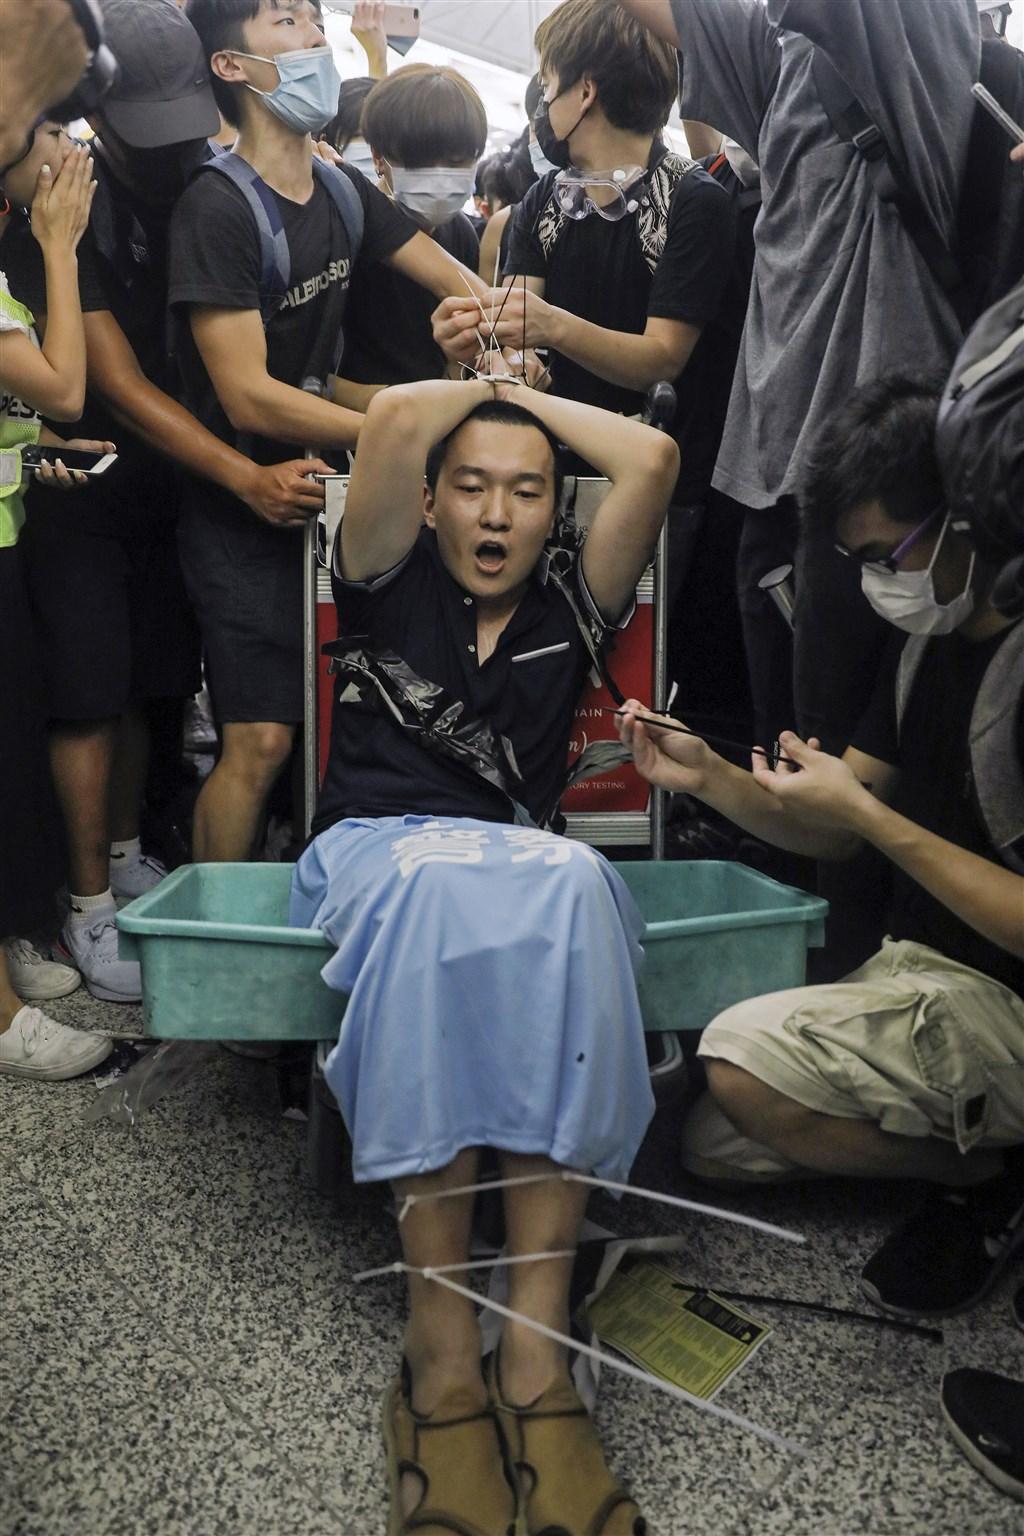 港媒報導,環球時報記者付國豪(前中)13日在香港機場遭反送中示威者綑綁、毆打,案件上午在東區裁判法院開庭,19歲的被告賴雲龍申請保釋被拒。(檔案照片/美聯社)